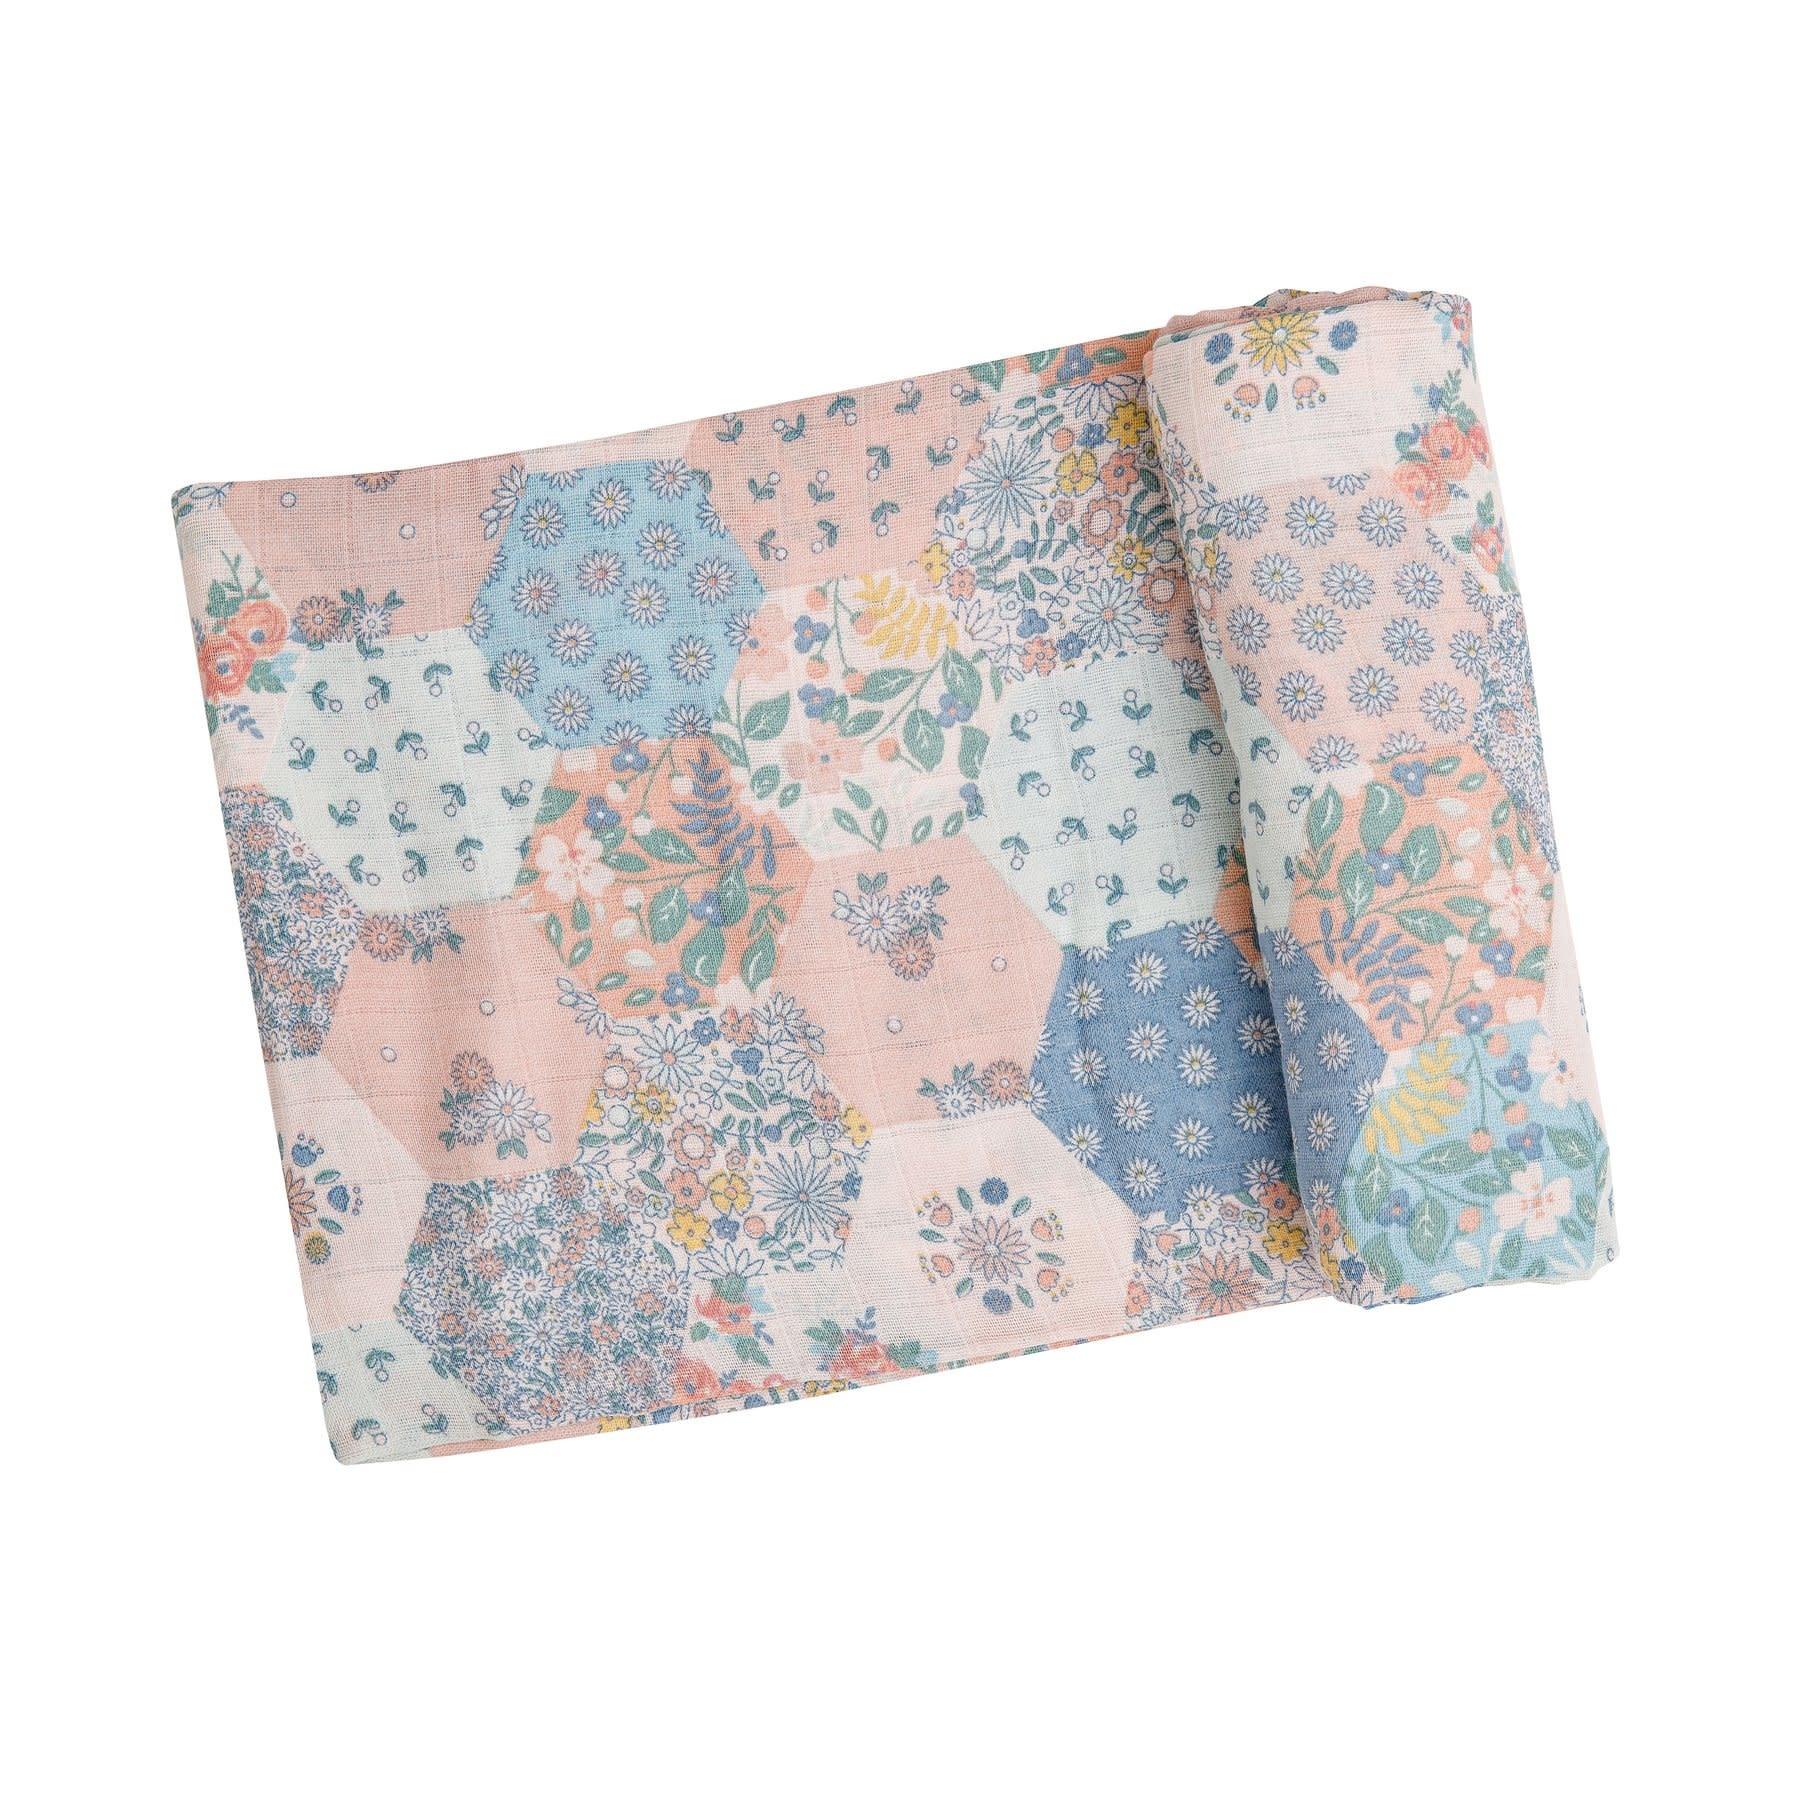 Angel Dear Vintage Patchwork Swaddle Blanket 47x47